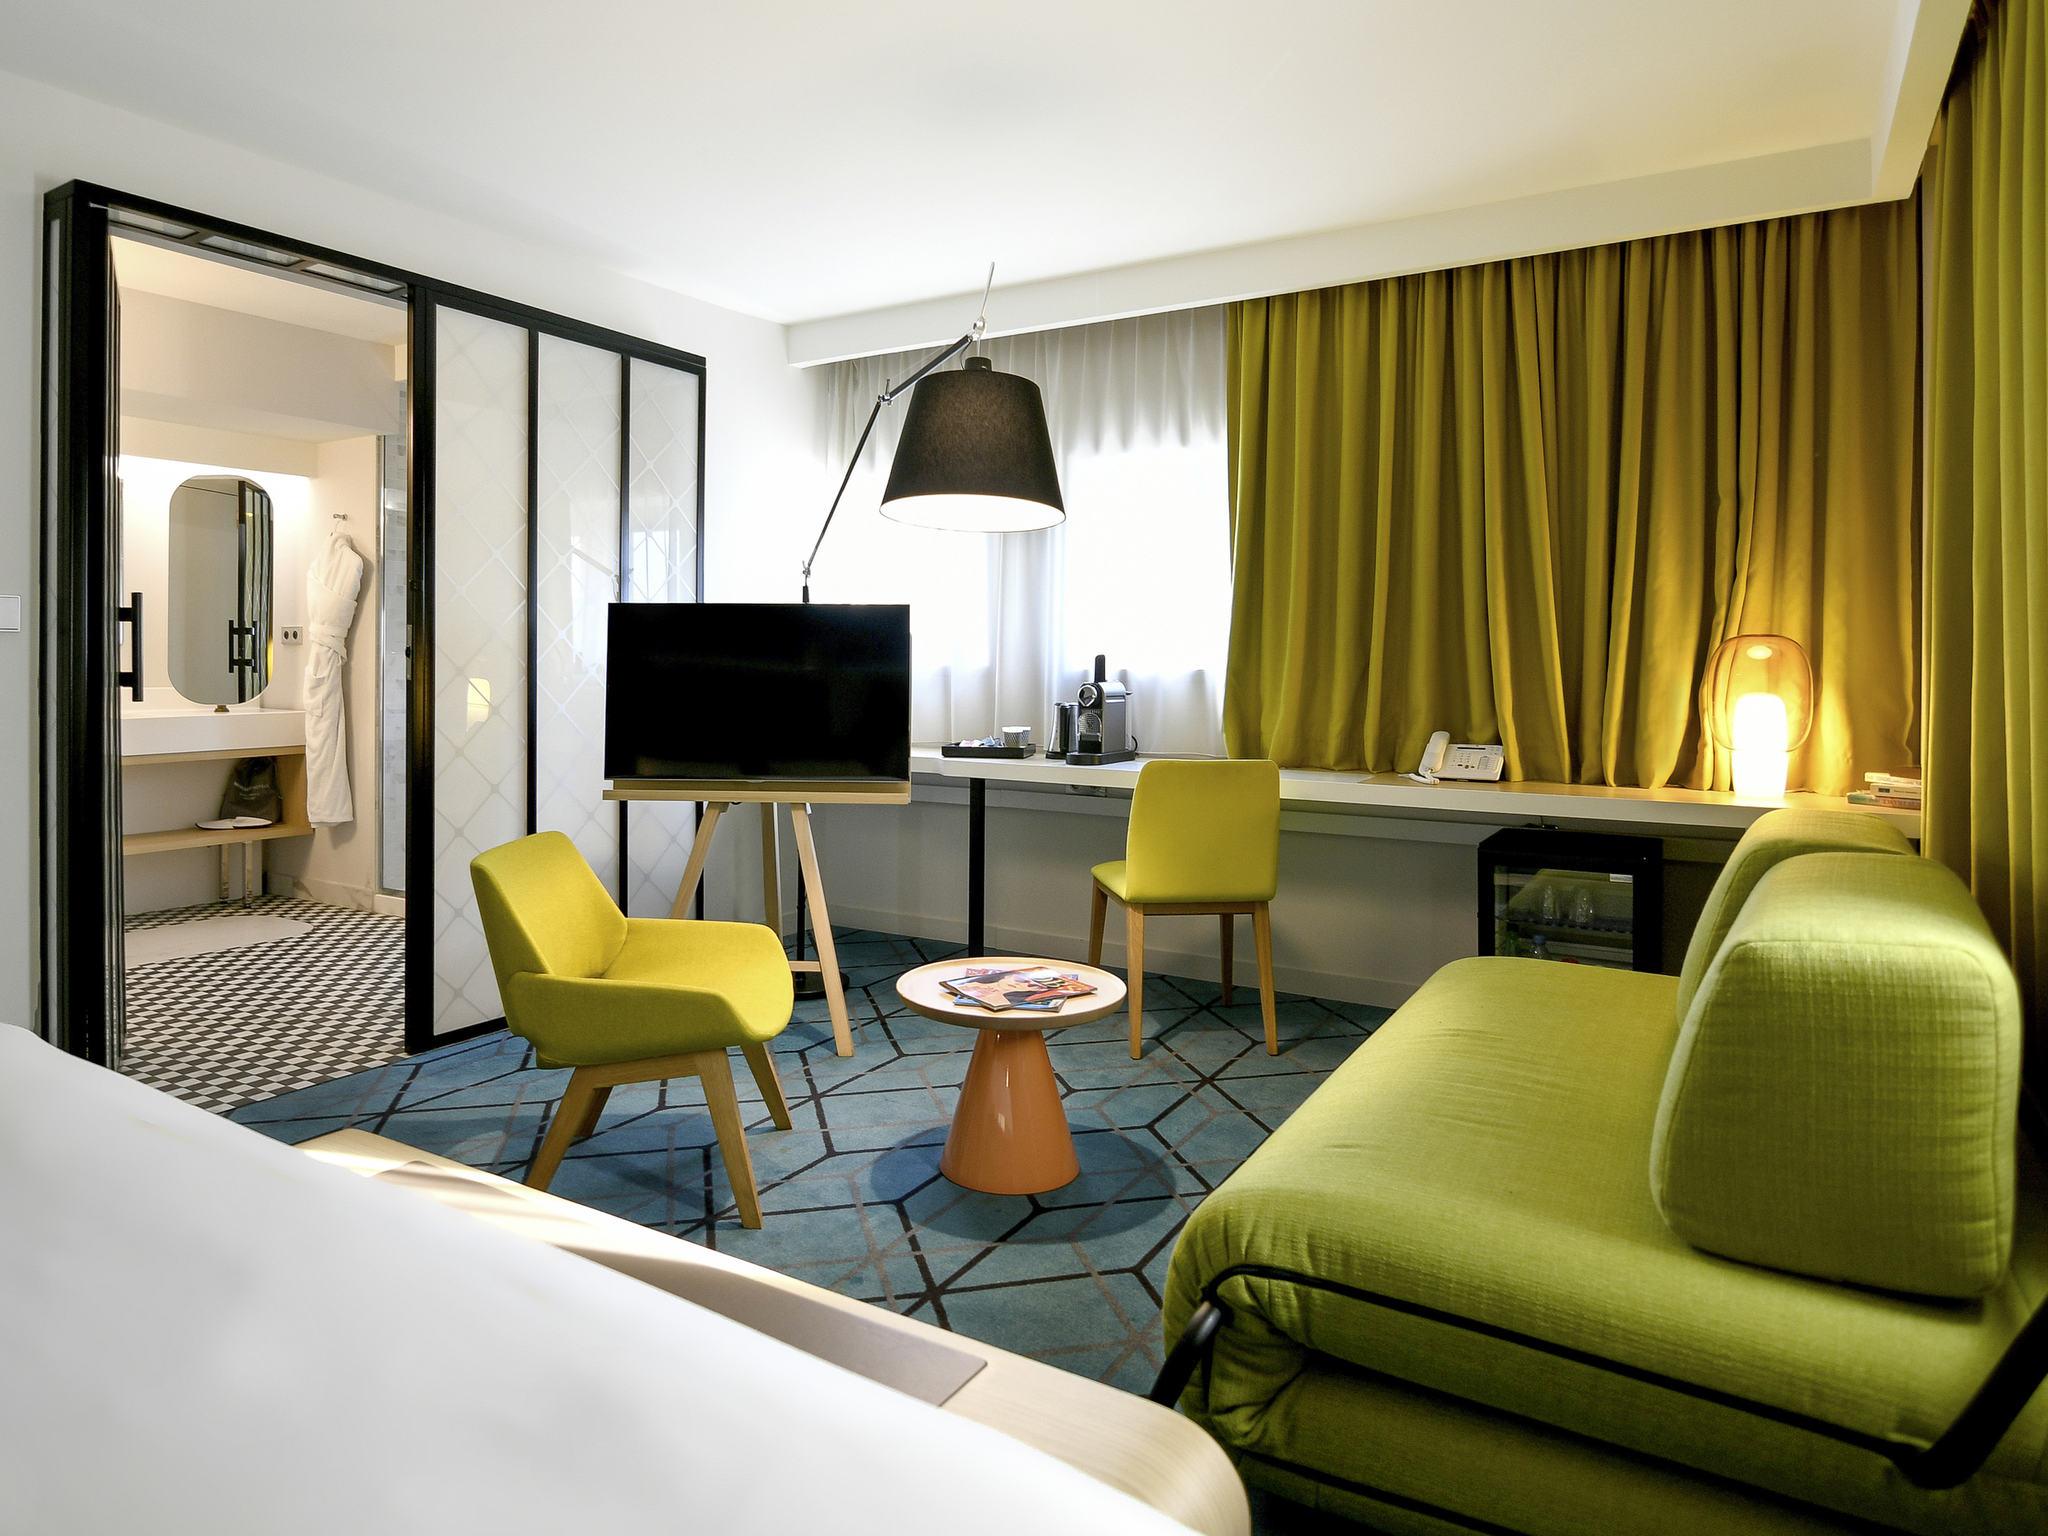 Hotell – Mercure Nantes Centre Gare Hotel